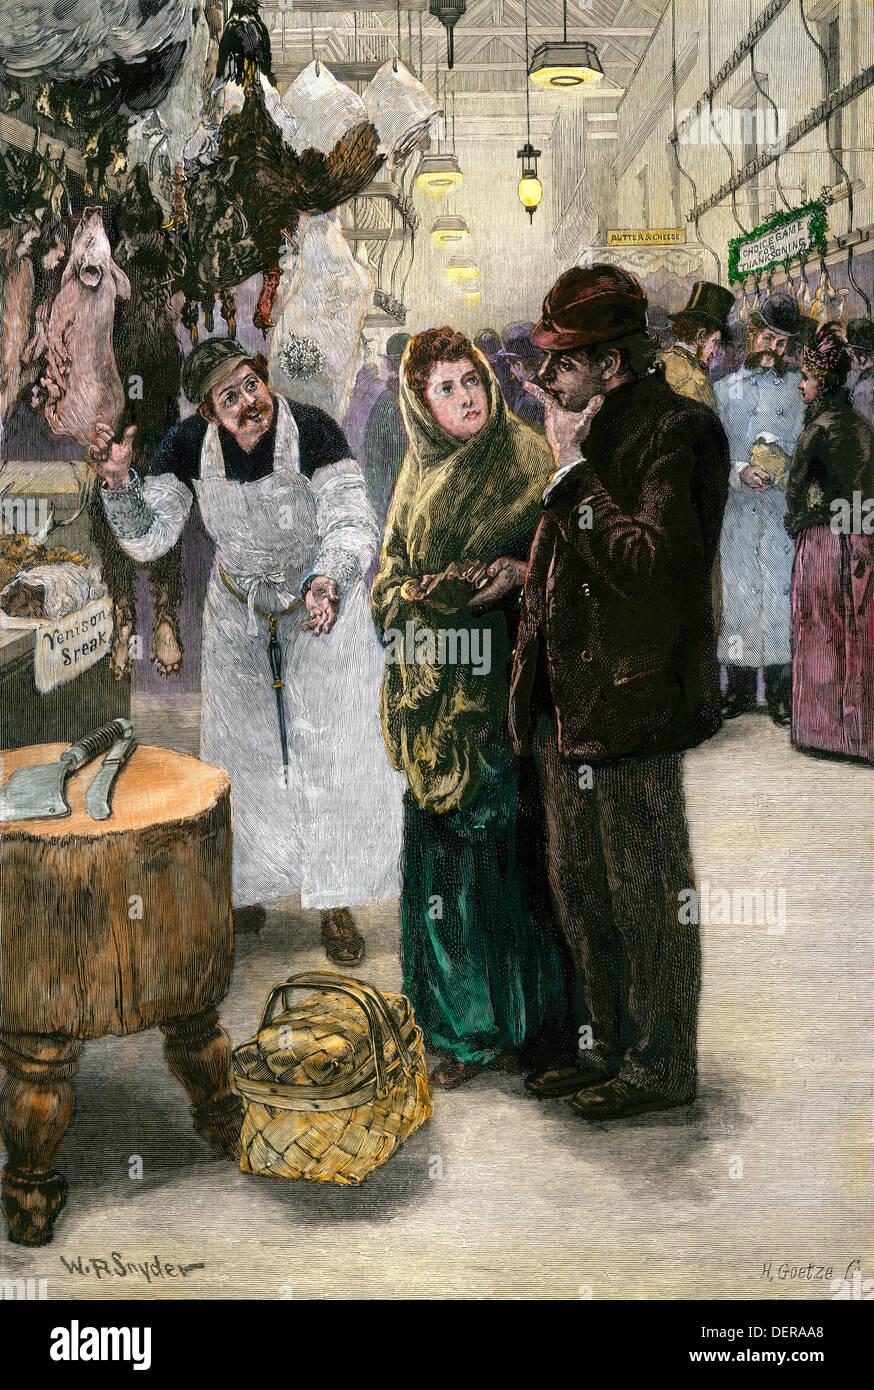 La selección de la pareja, la cena de Acción de Gracias de 1880. Xilografía coloreada a mano Imagen De Stock